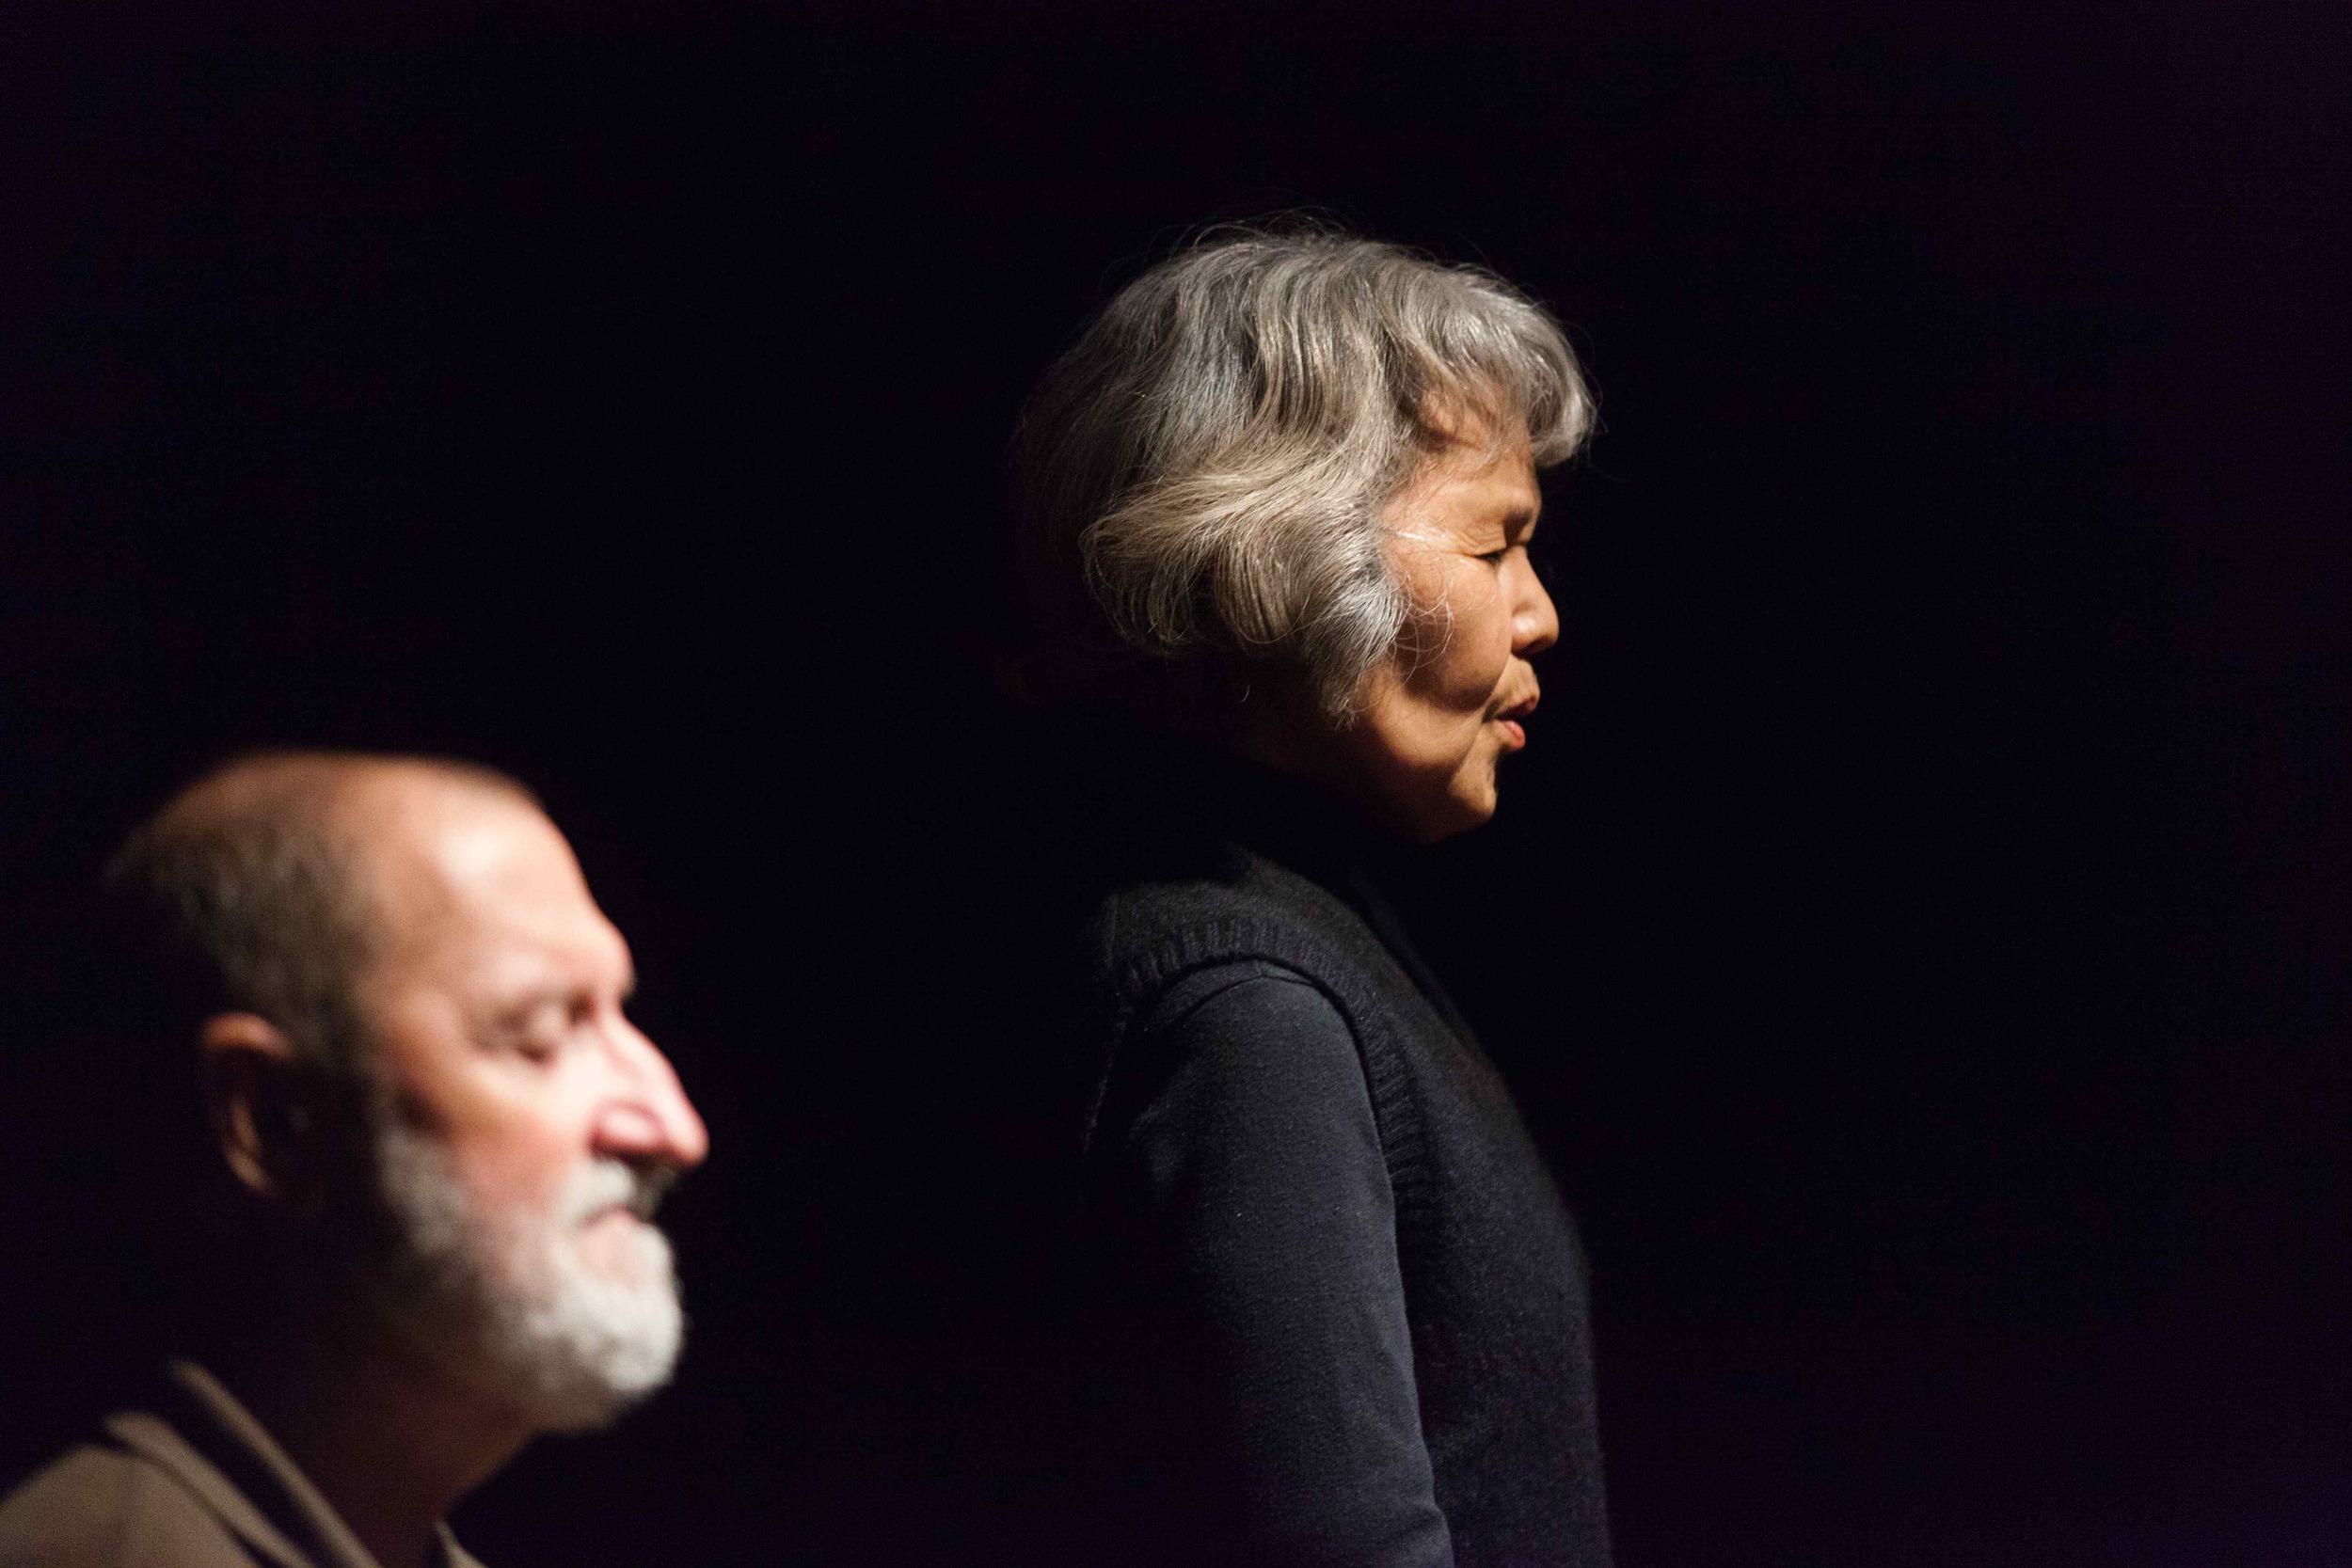 AURA (with Luke Jaaniste),2012  Blacktown Arts Centre, Sydney  image: Alex Wisser